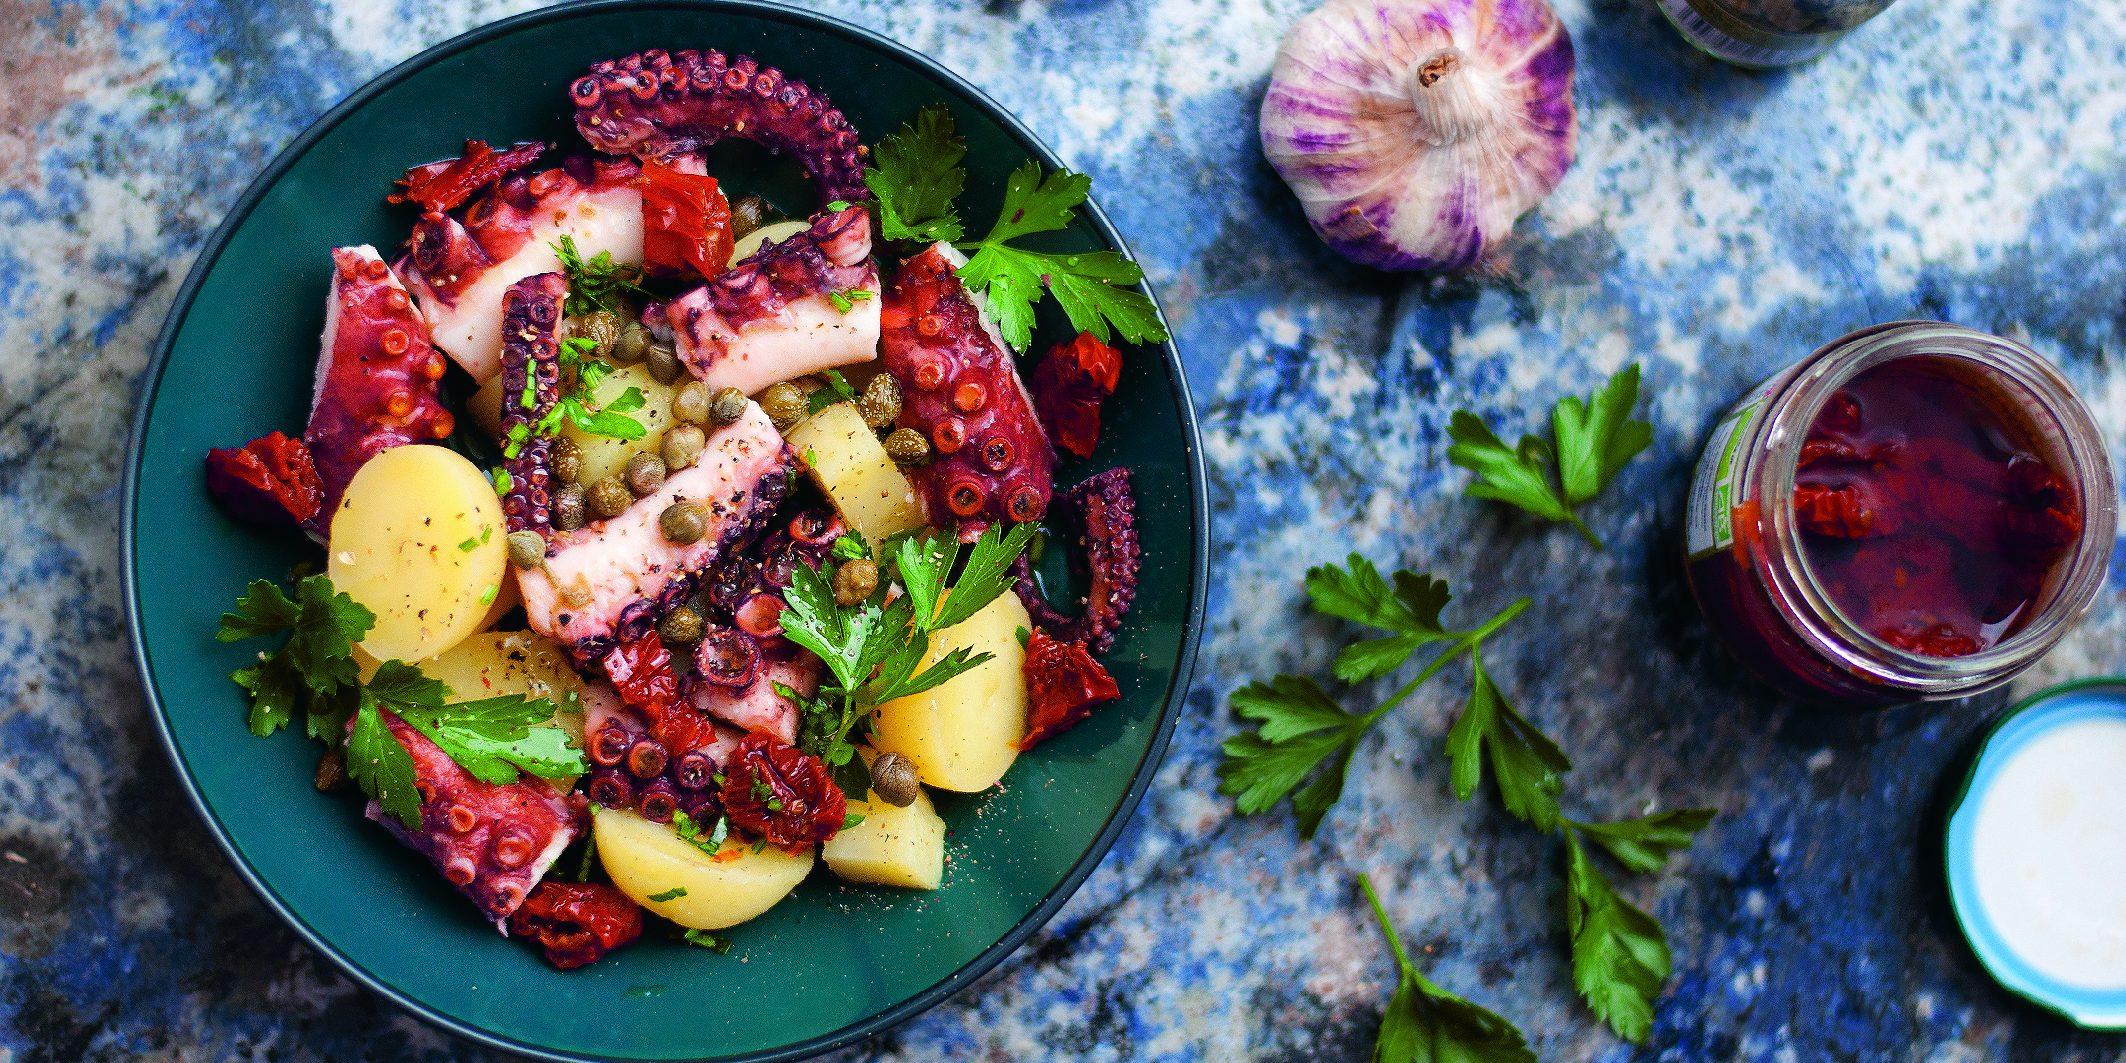 Χταπόδι Σαλάτα: Όποιος λατρεύει αυτό το πιάτο να σηκώσει το χέρι του Υπάρχει πιο καλοκαιρινή συνταγή από αυτή; Η απάντηση είναι όχι!